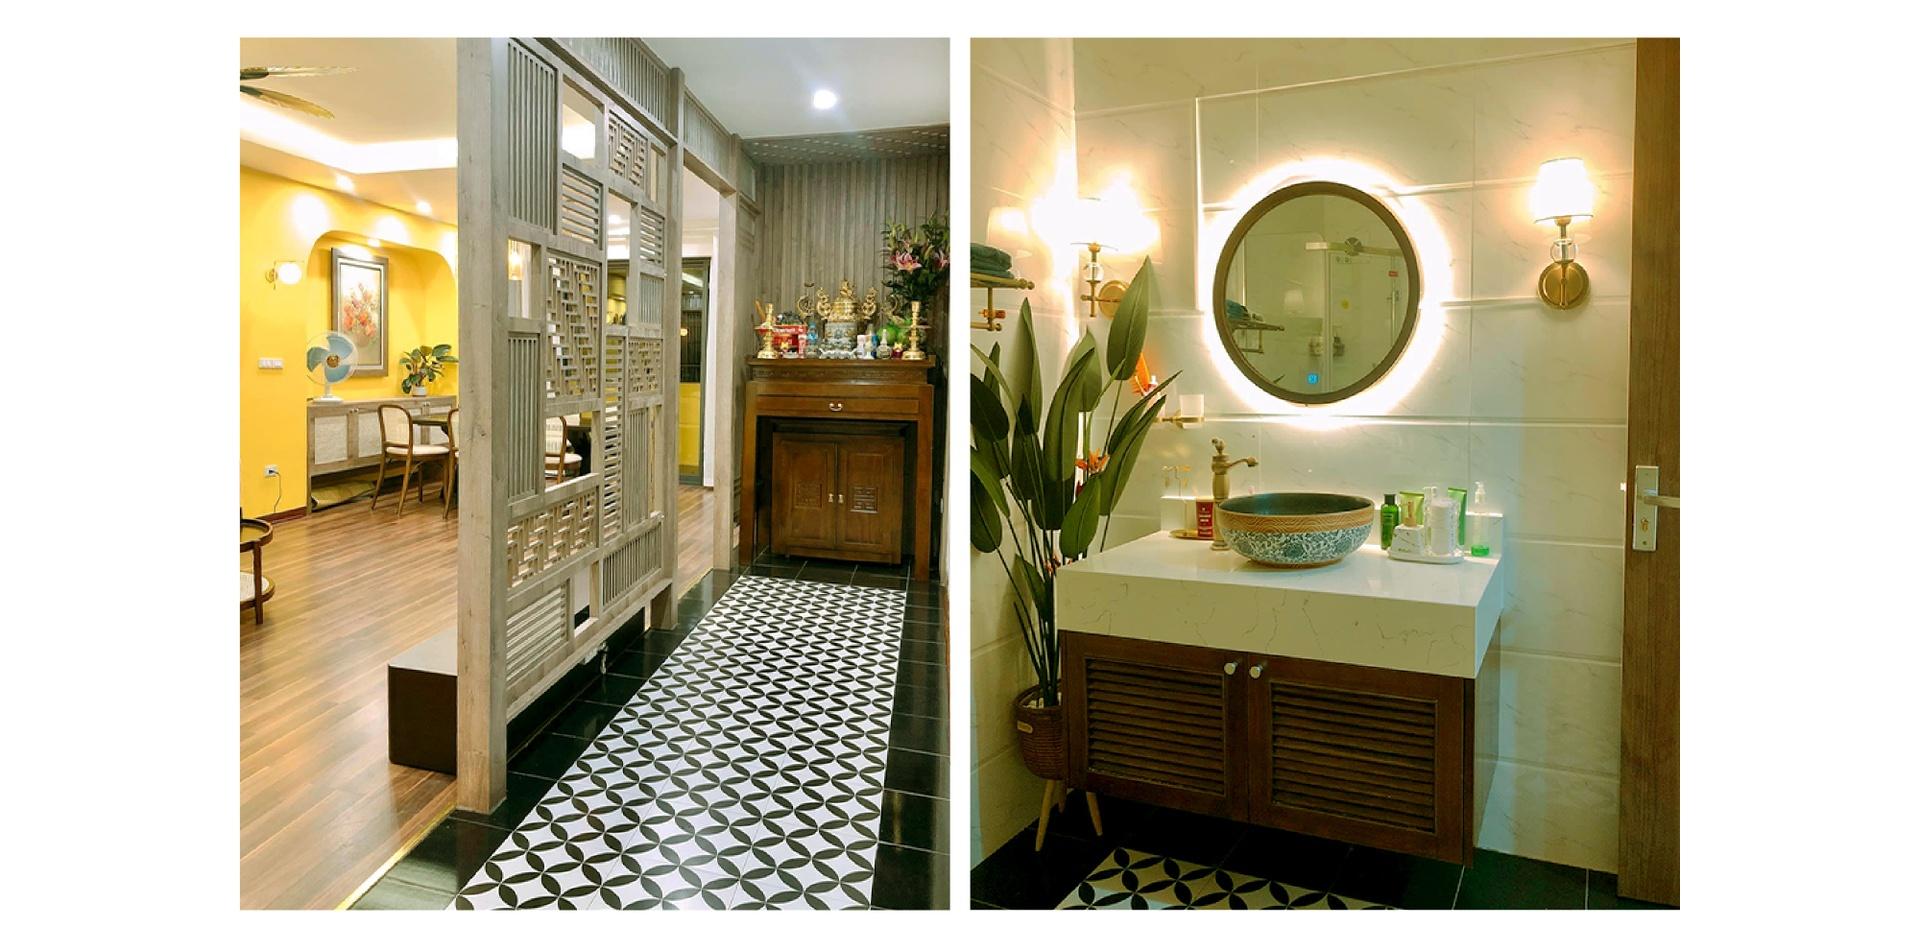 Thiết kế căn hộ phong cách Indochine với chi phí 900 triệu đồng